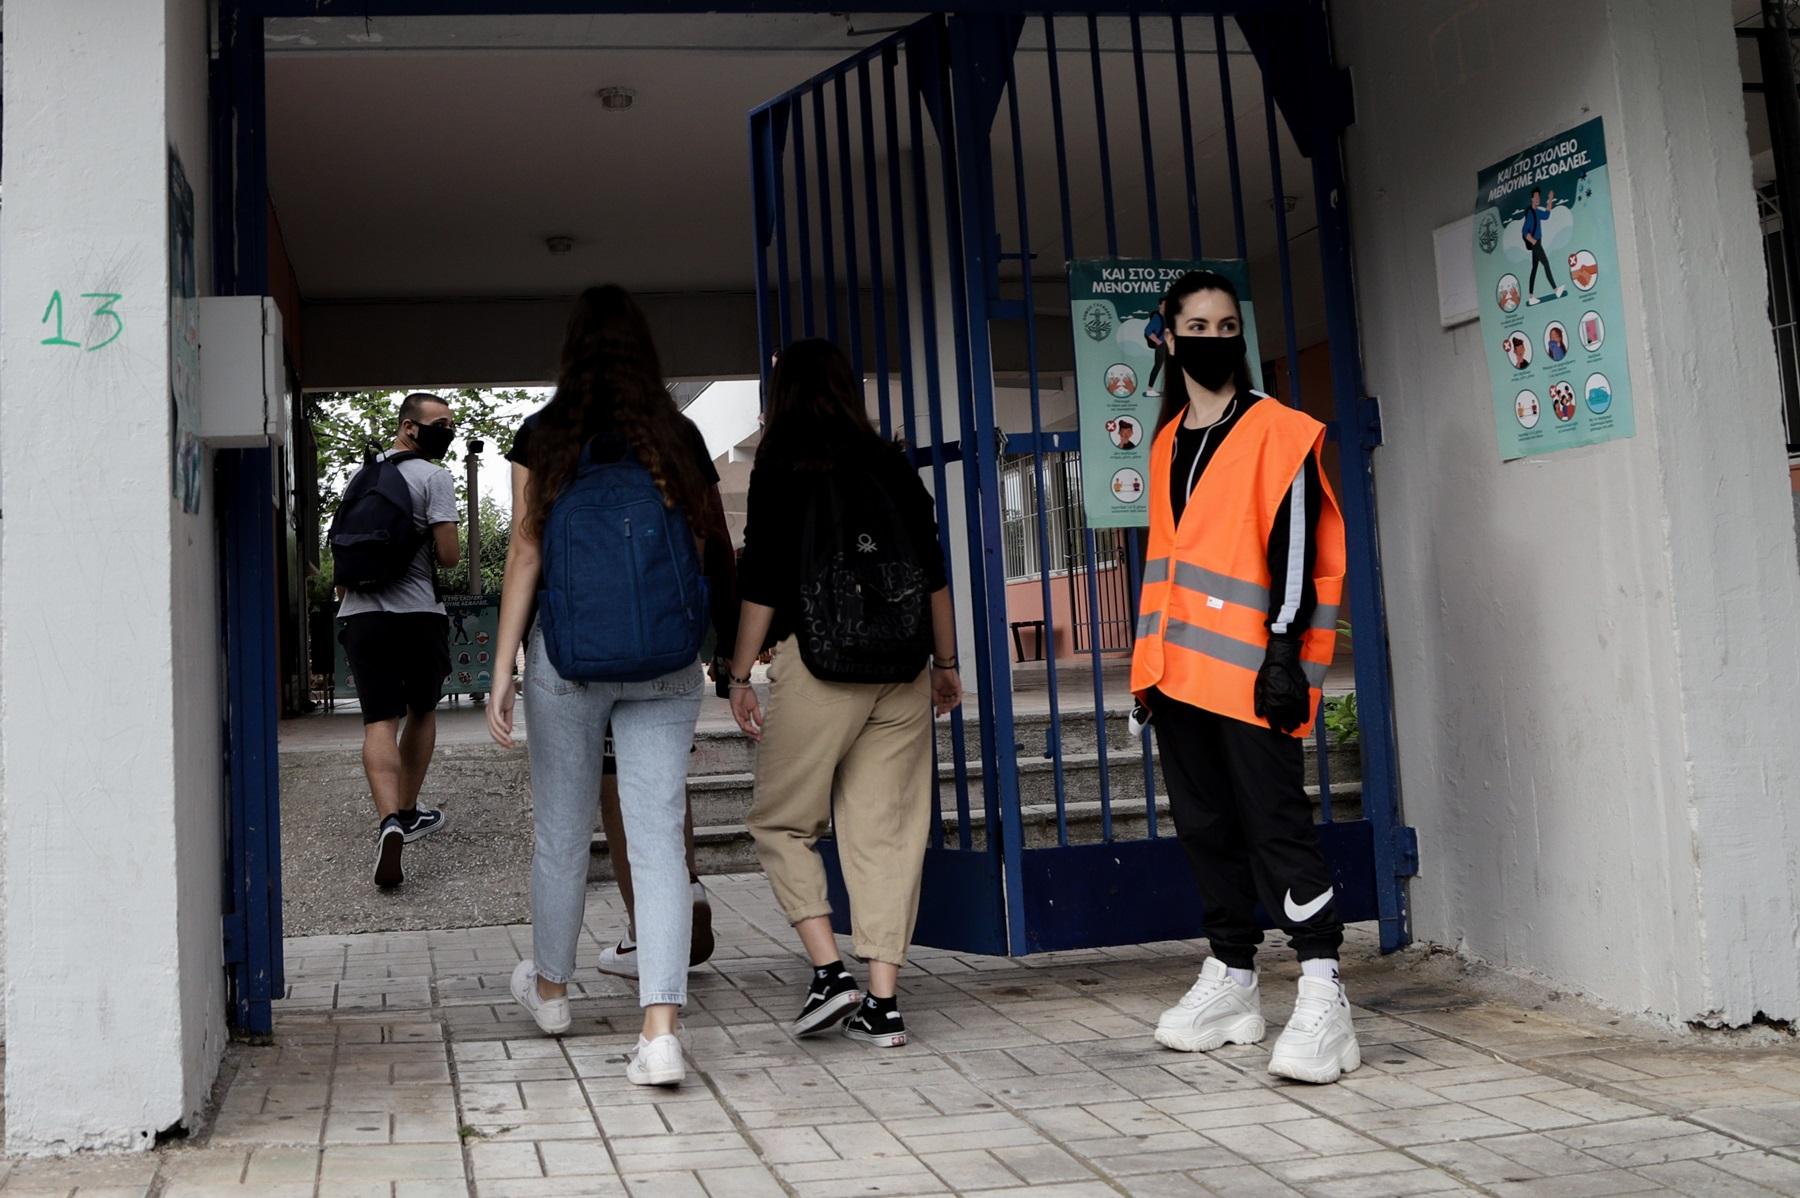 Άνοιγμα σχολείων: Διχασμένοι οι λομωξιολόγοι. Λύκεια ανοιχτά σε όλη τη χώρα θέλει η κυβέρνηση - Φωτογραφία 1